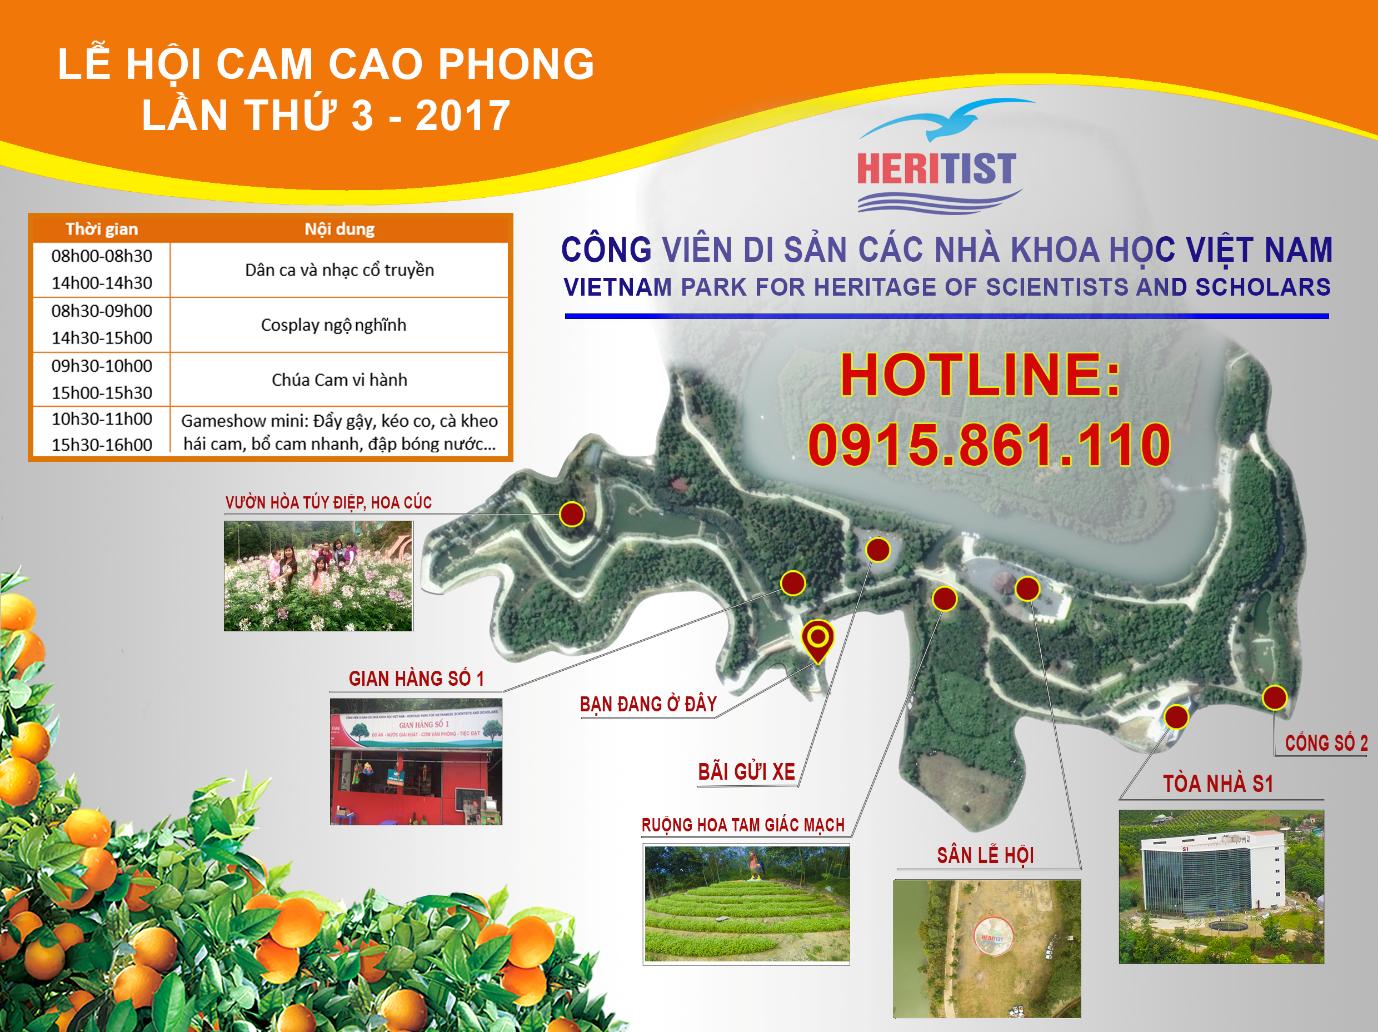 Rực nở sắc hoa chào đón lễ hội Cam Cao Phong lần thứ 3 tại Heritist Park - Ảnh 1.